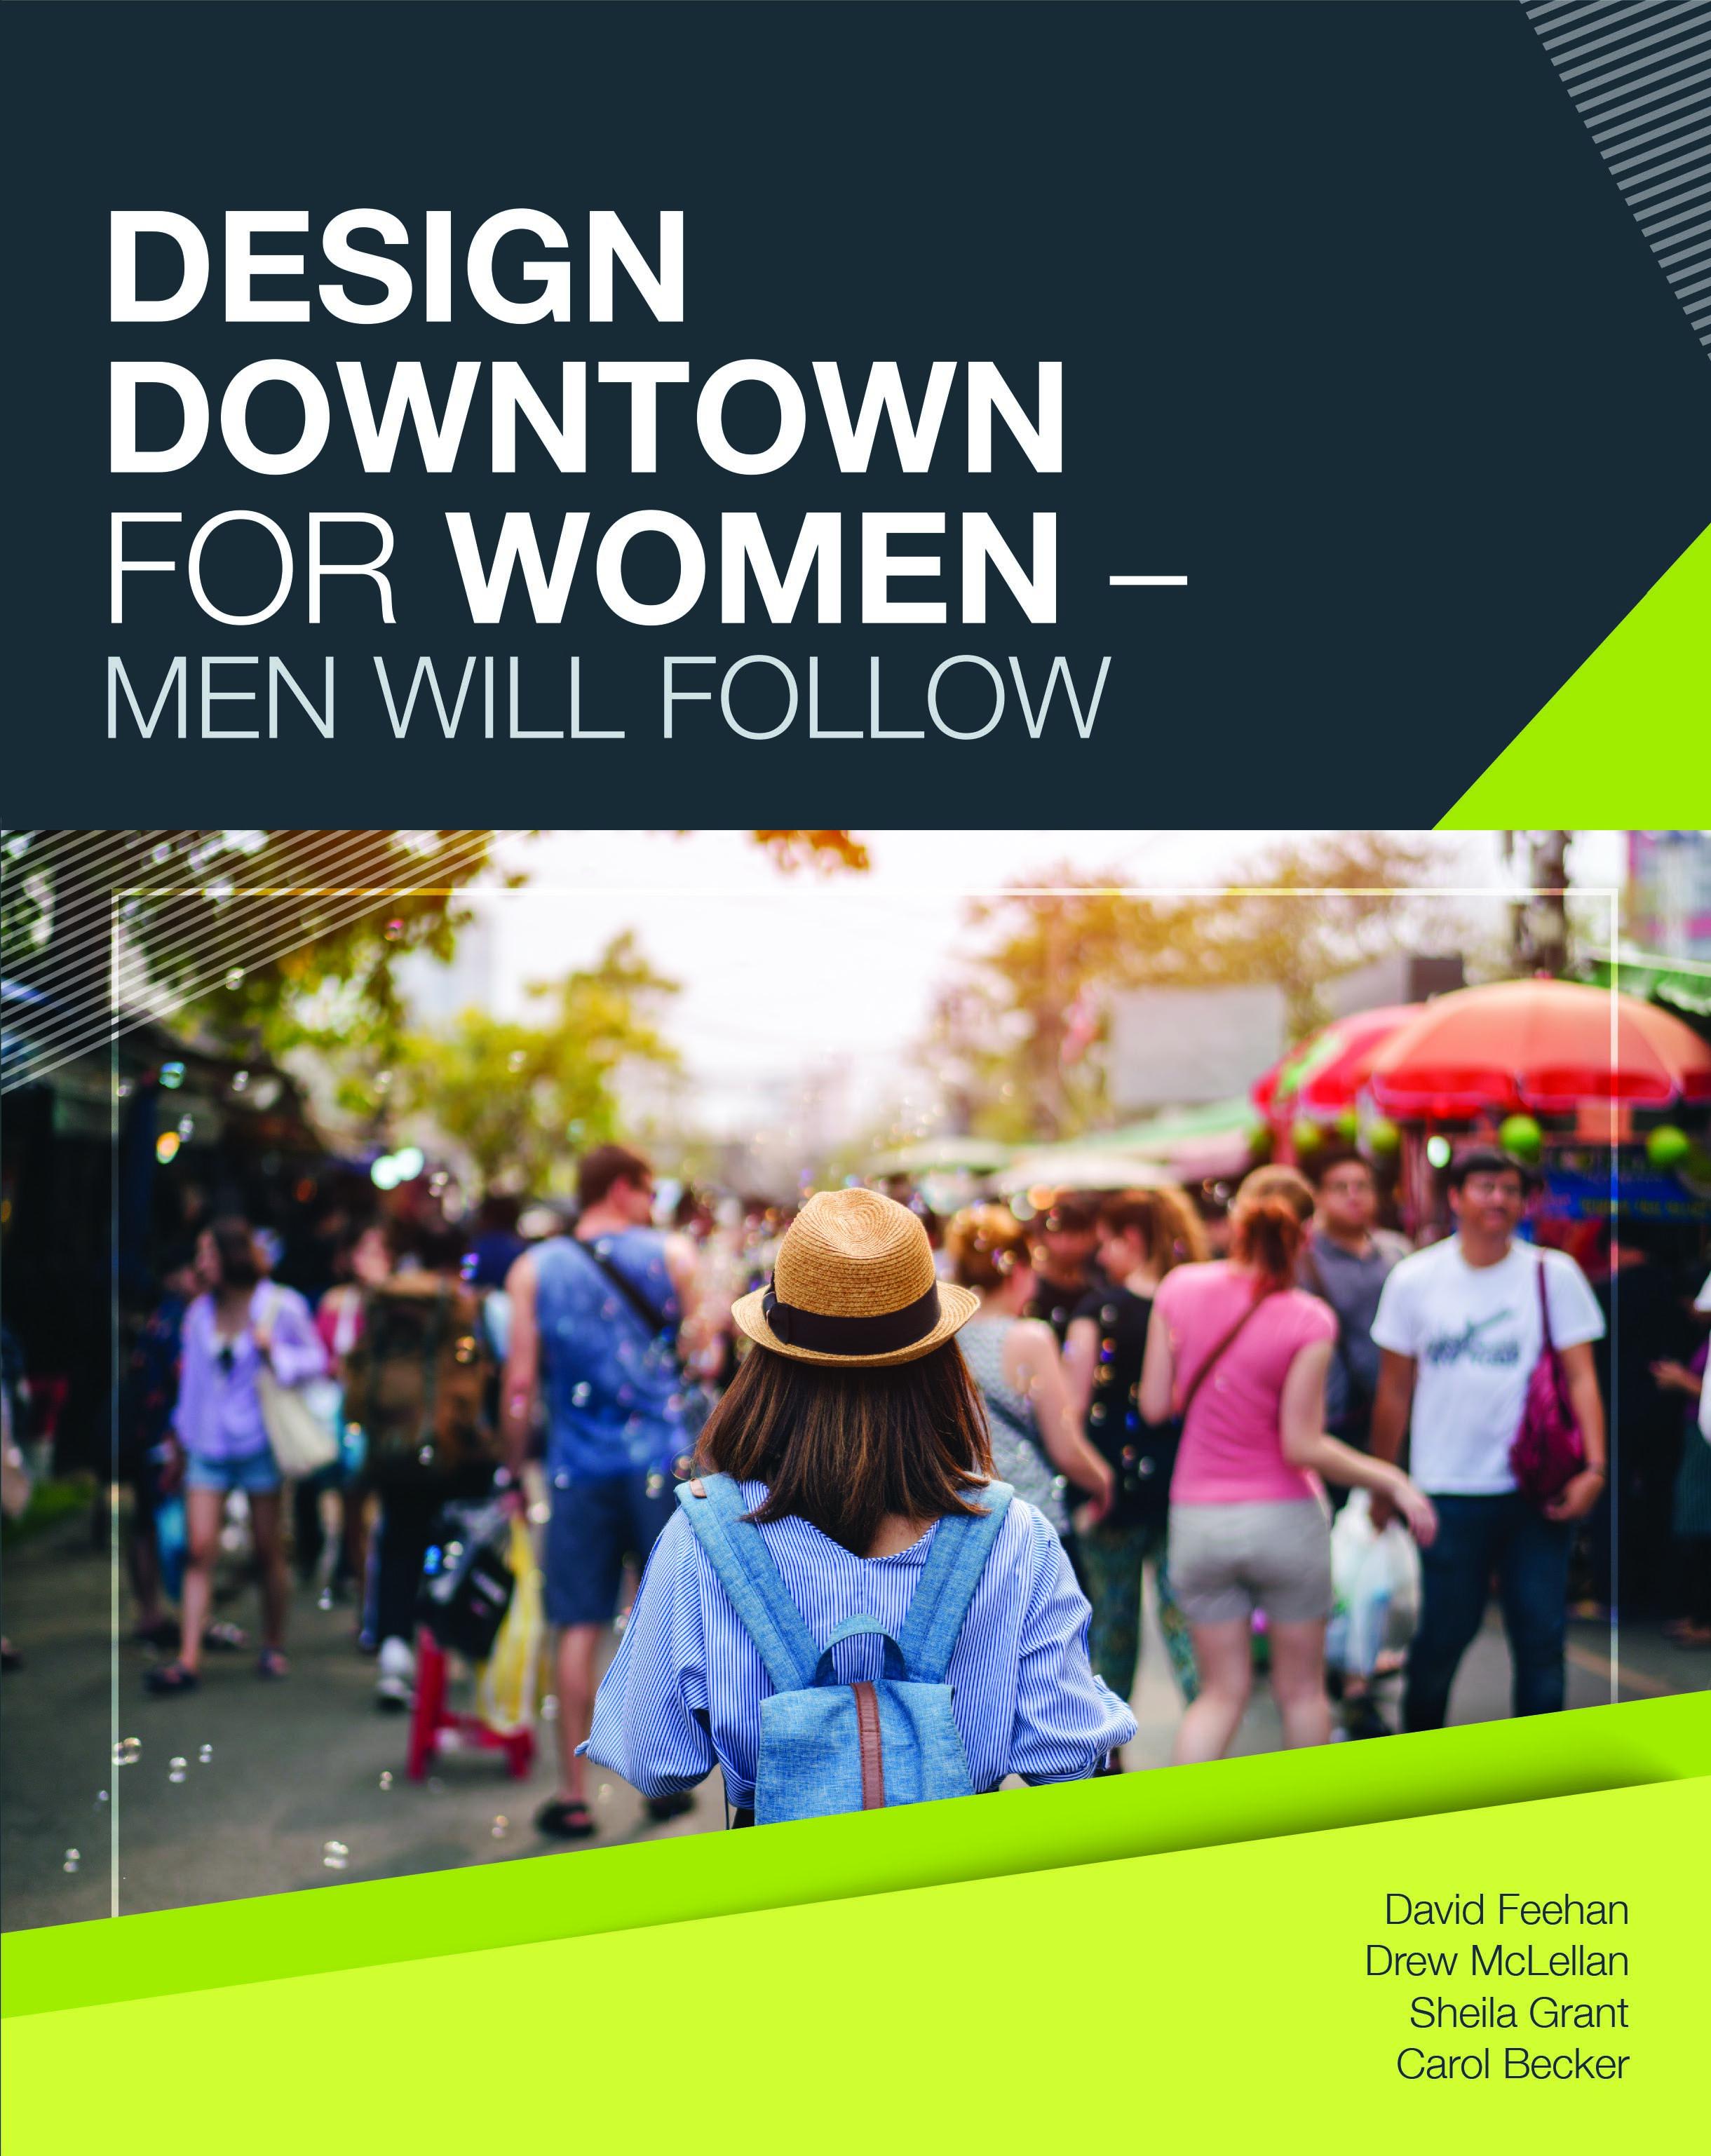 DesignDowntowncover (1).jpg